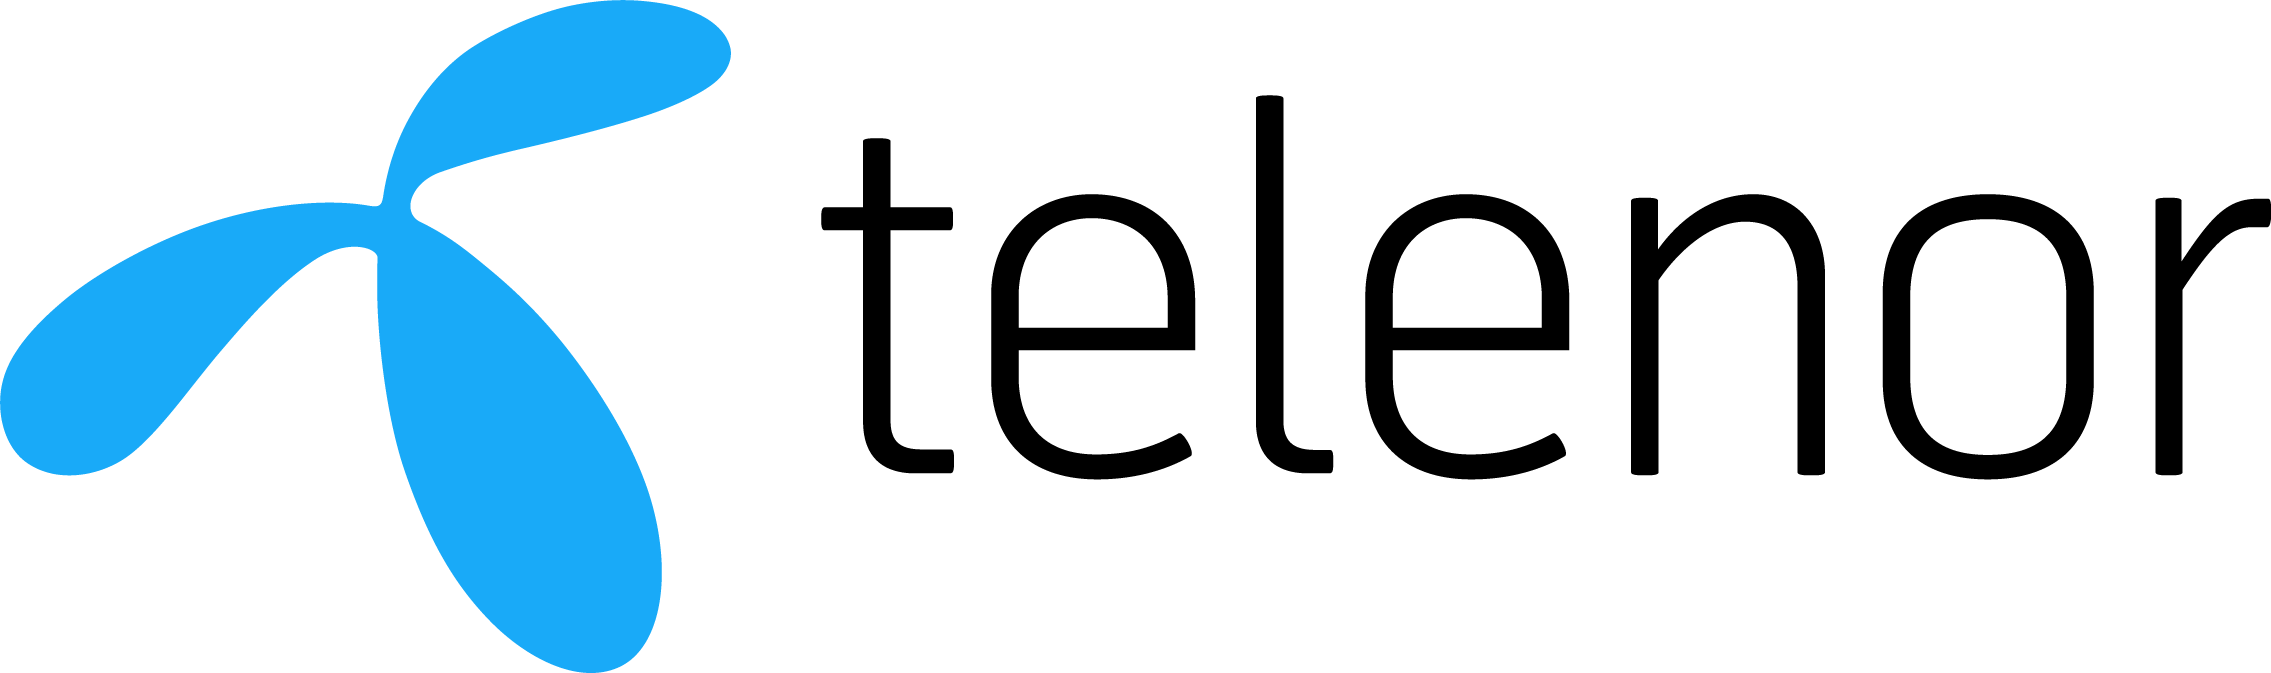 Logo - Telenor